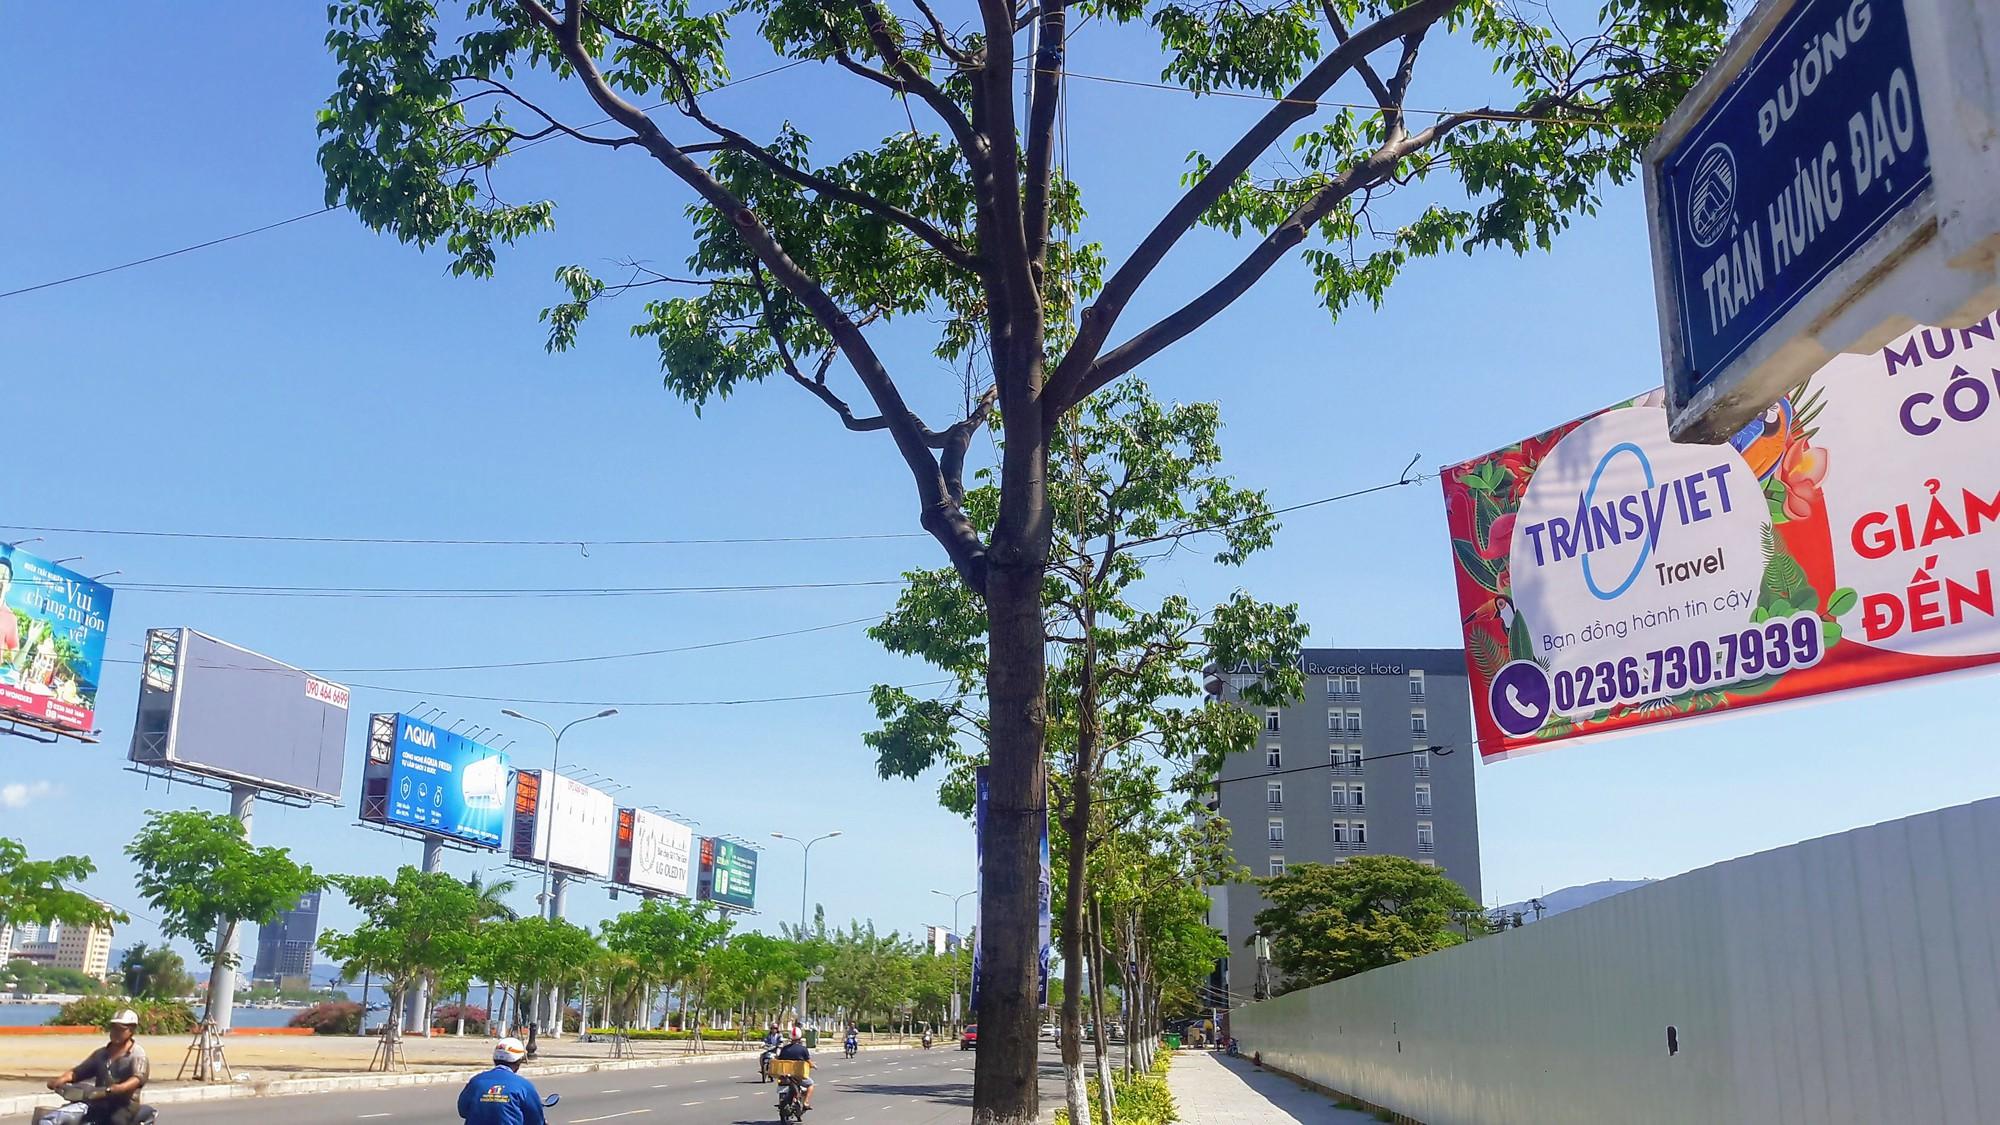 Những tuyến đường cấm ô tô để tổ chức Lễ hội pháo hoa Quốc tế Đà Nẵng 2019 - Ảnh 12.